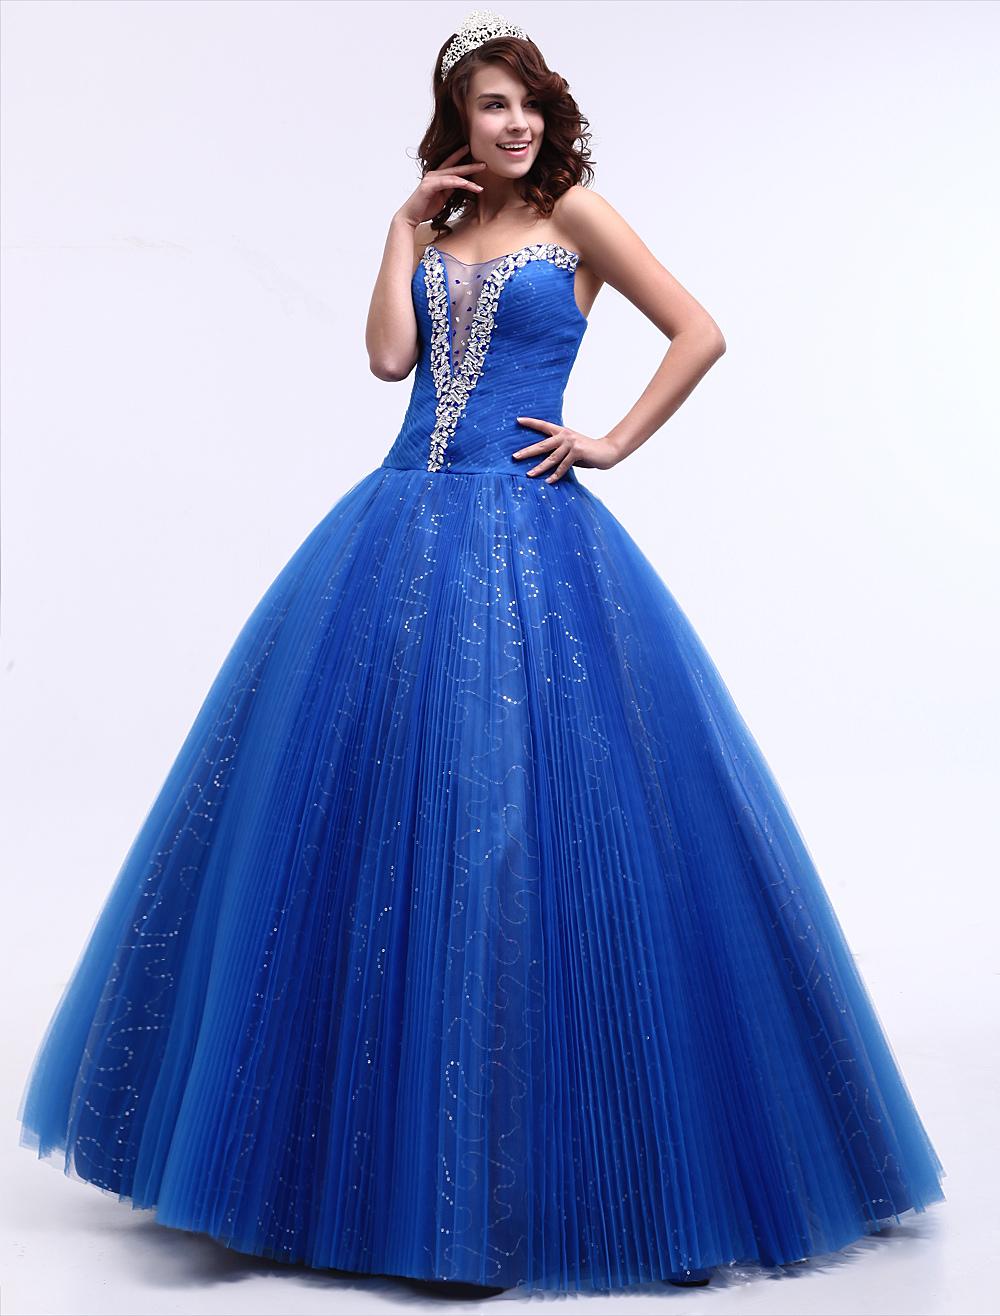 Blue Wedding Dress Sweetheart Floor Length Ball Gown Princess